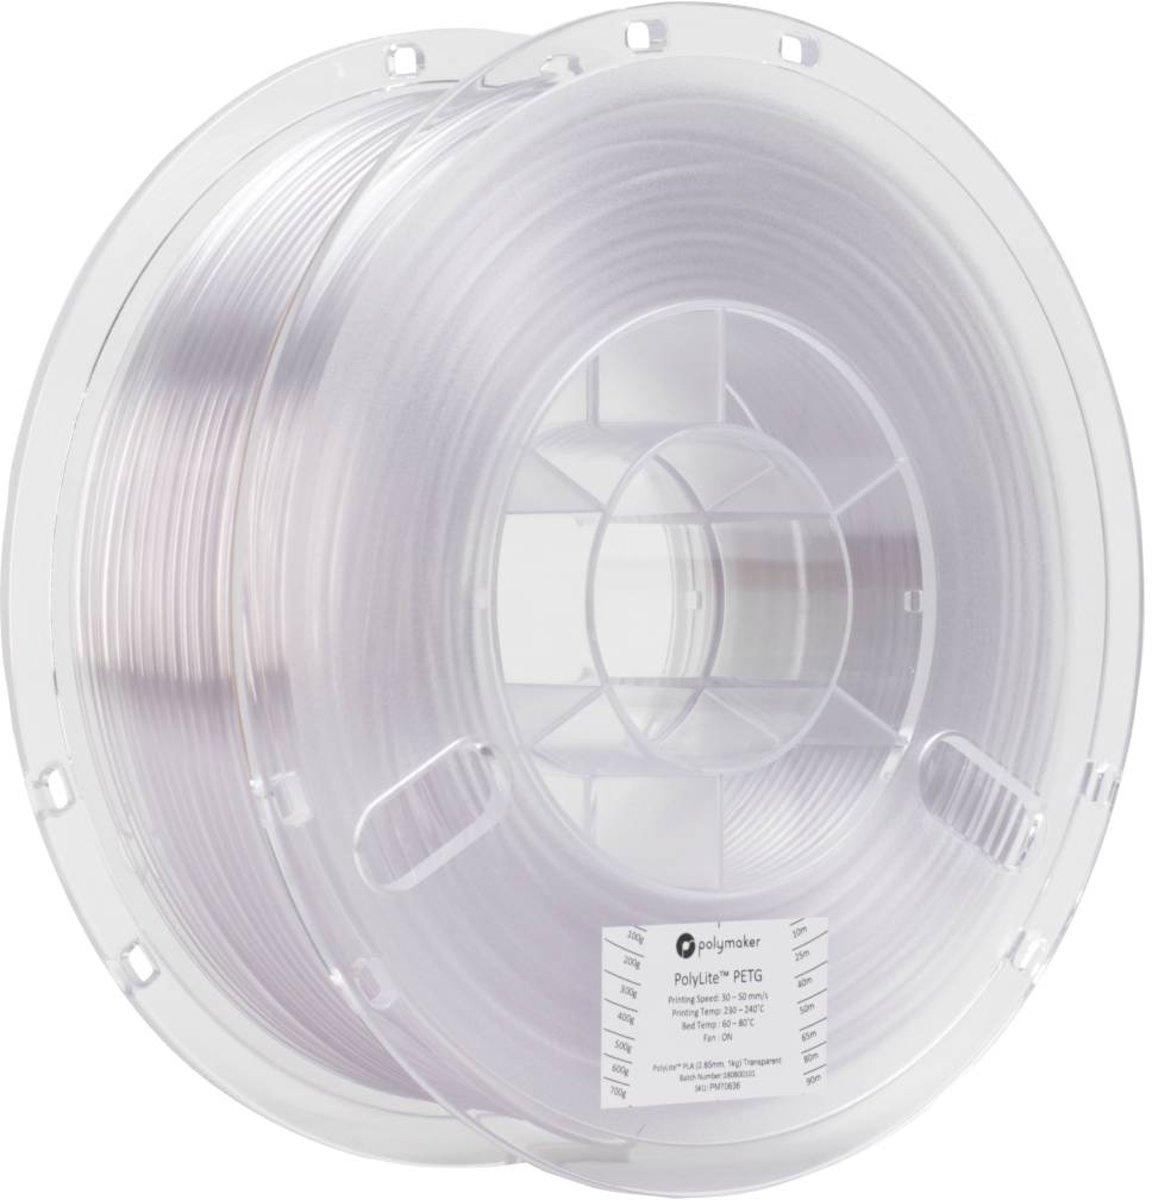 Polymaker PolyLite PETG Transparent 1kg kopen